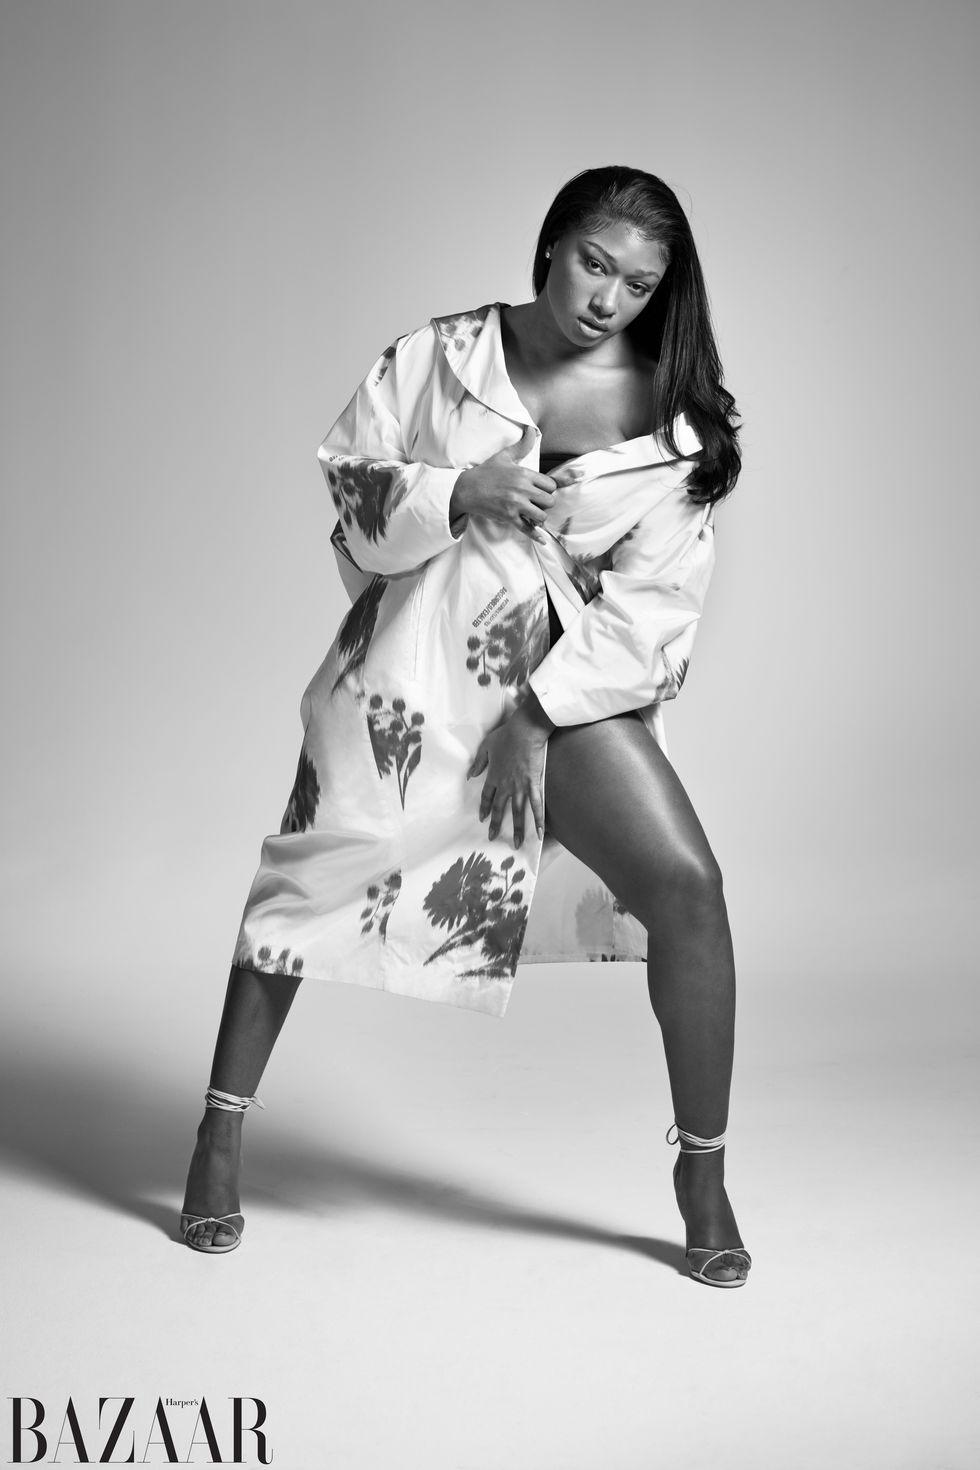 Prada coat and Femme L.A. sandals.